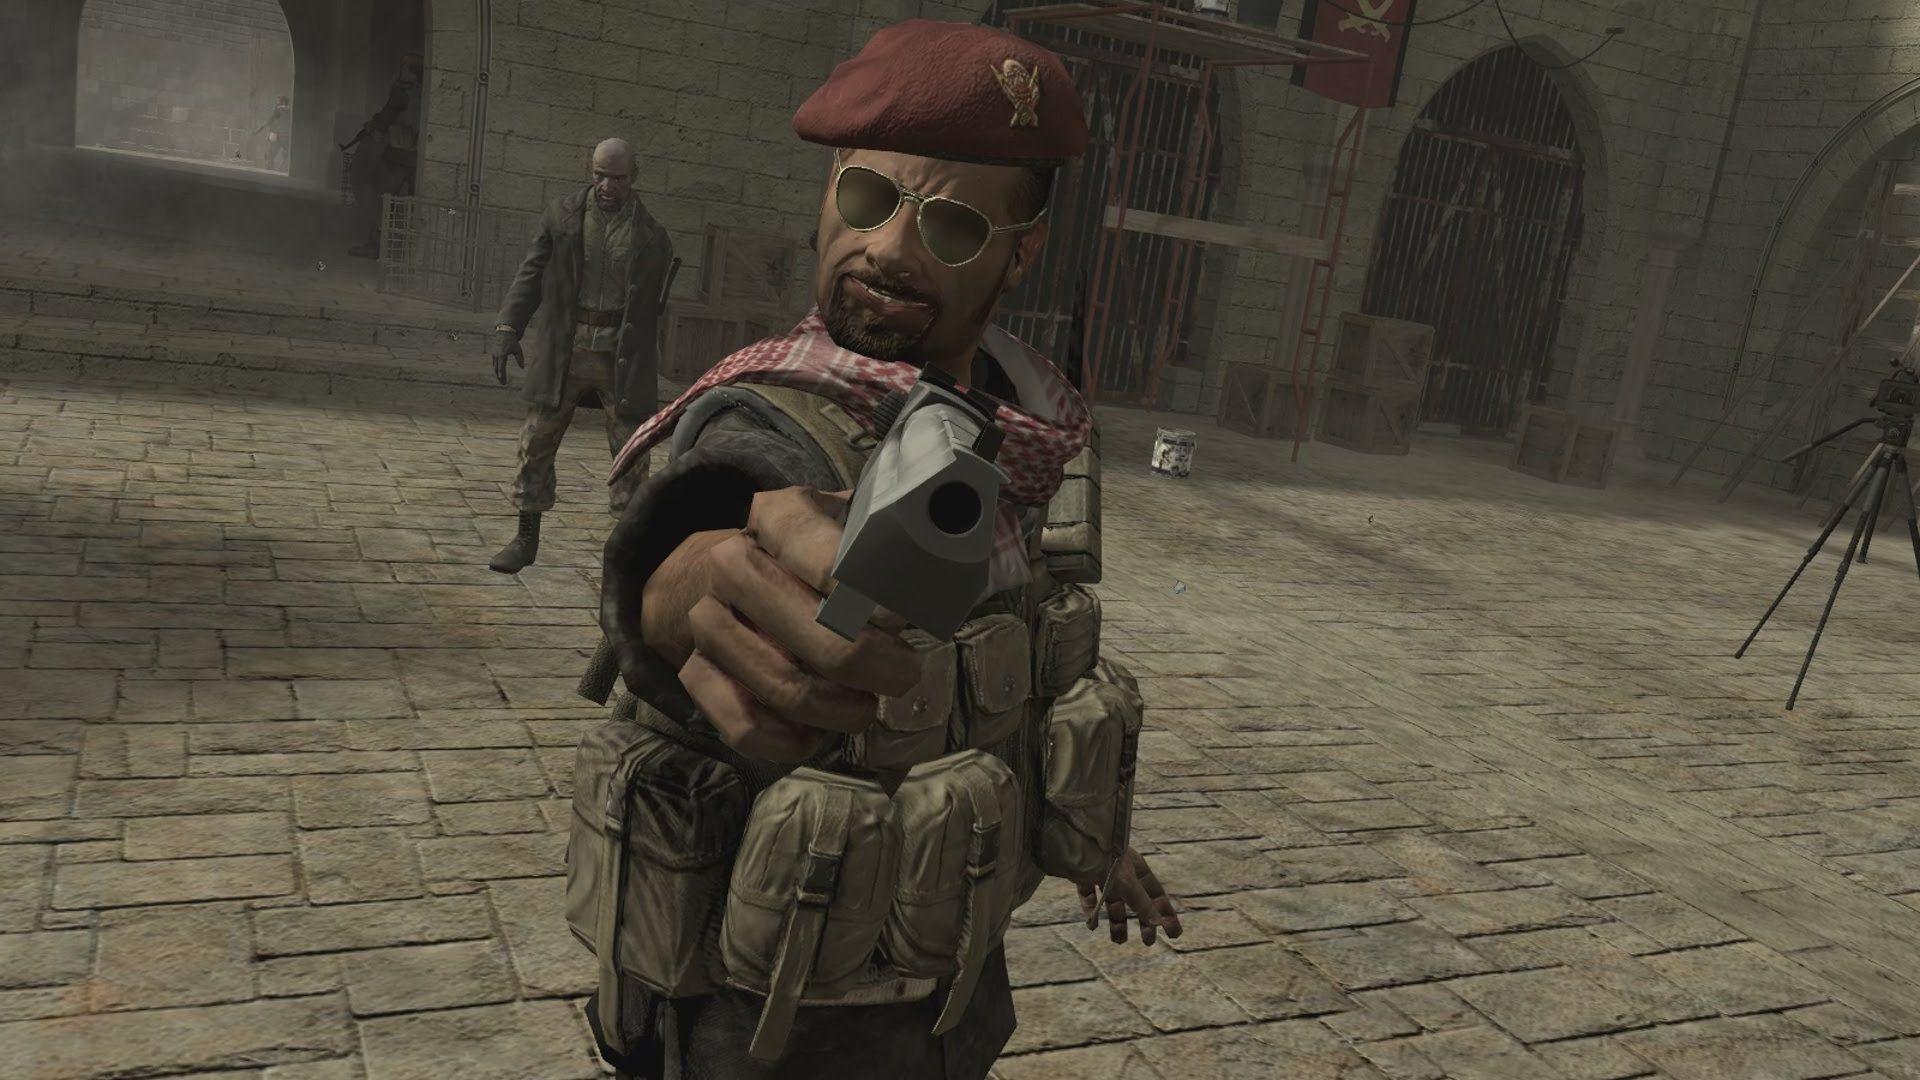 Dans Call of Duty 4: Modern Warfare, le joueur se fait assassiner en vue à la première personne.